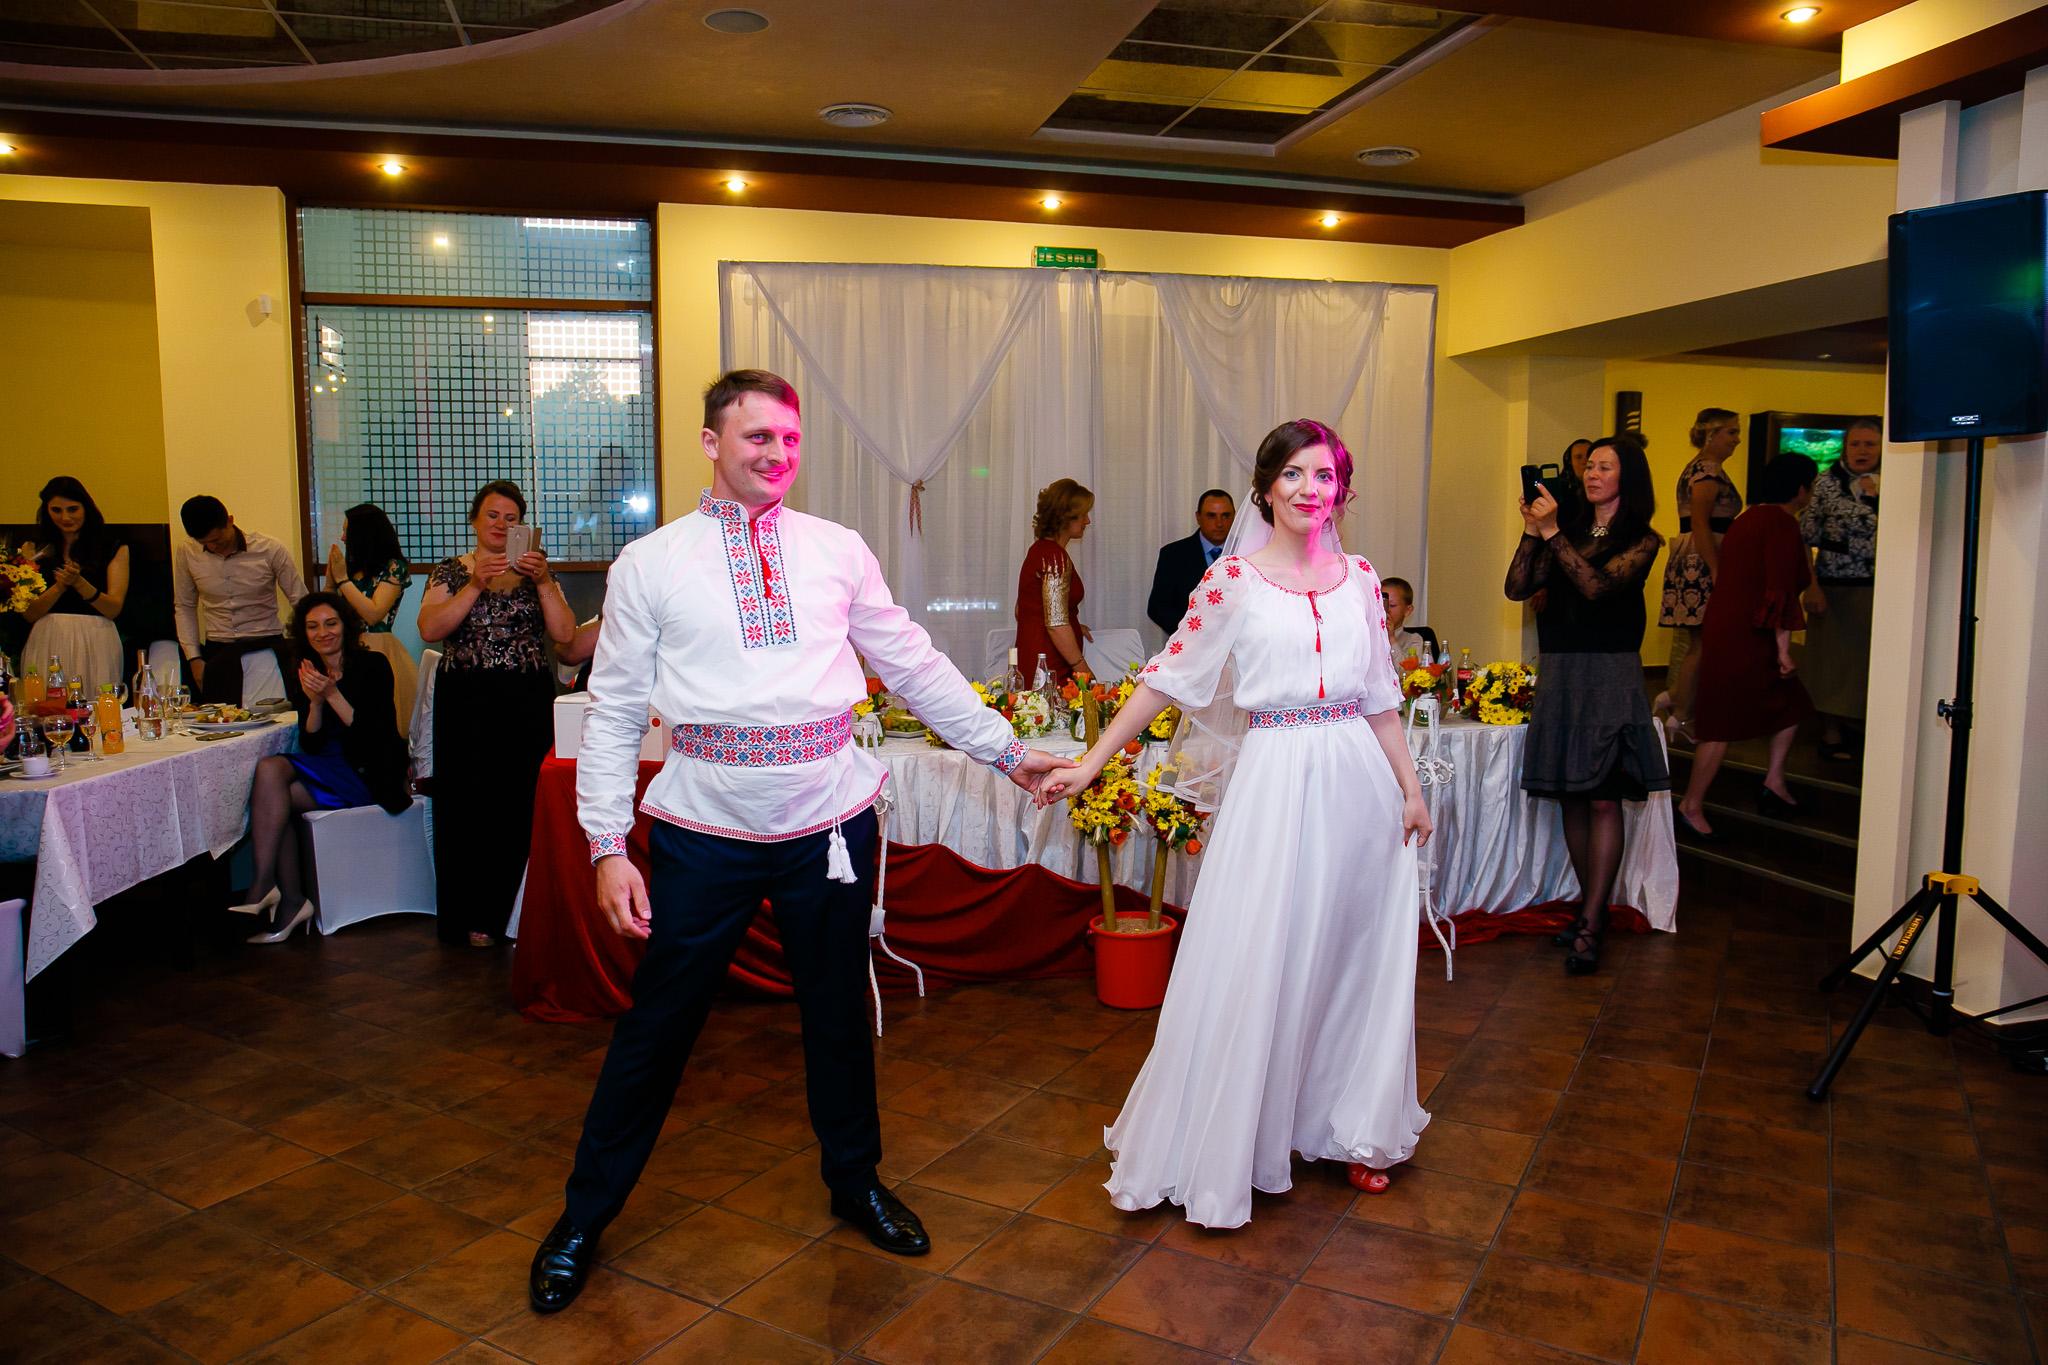 Nuntă tradițională Elisabeta și Alexandru fotograf profesionist nunta Iasi www.paulpadurariu.ro © 2018 Paul Padurariu fotograf de nunta Iasi dansul mirilor 6